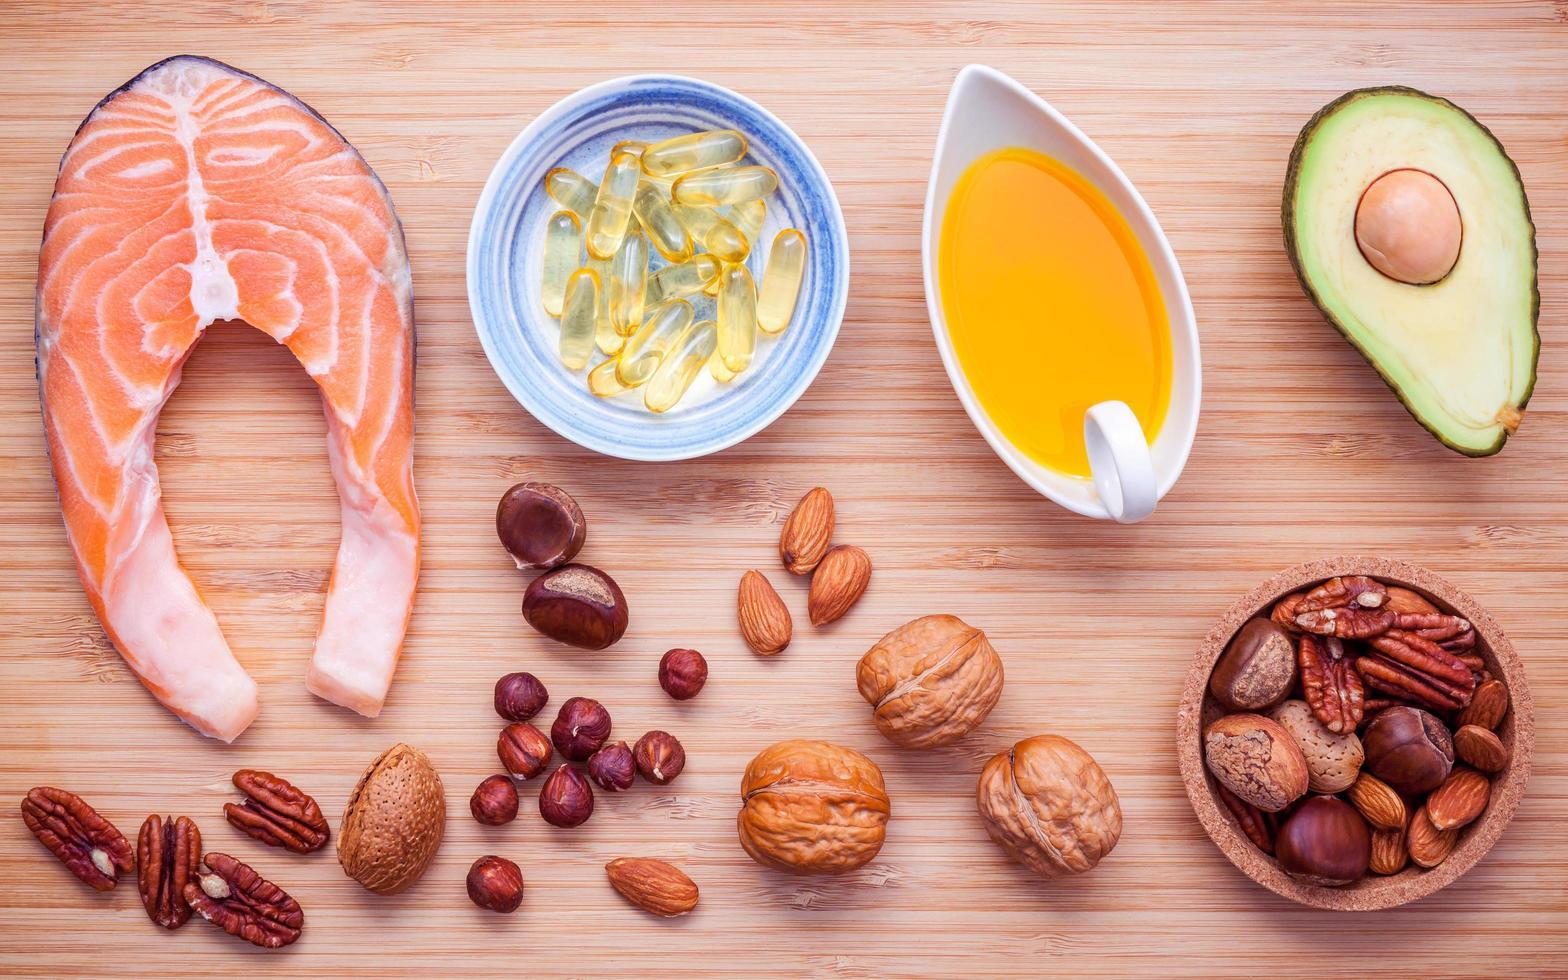 selectie voedselbronnen van omega 3 en onverzadigde vetten foto